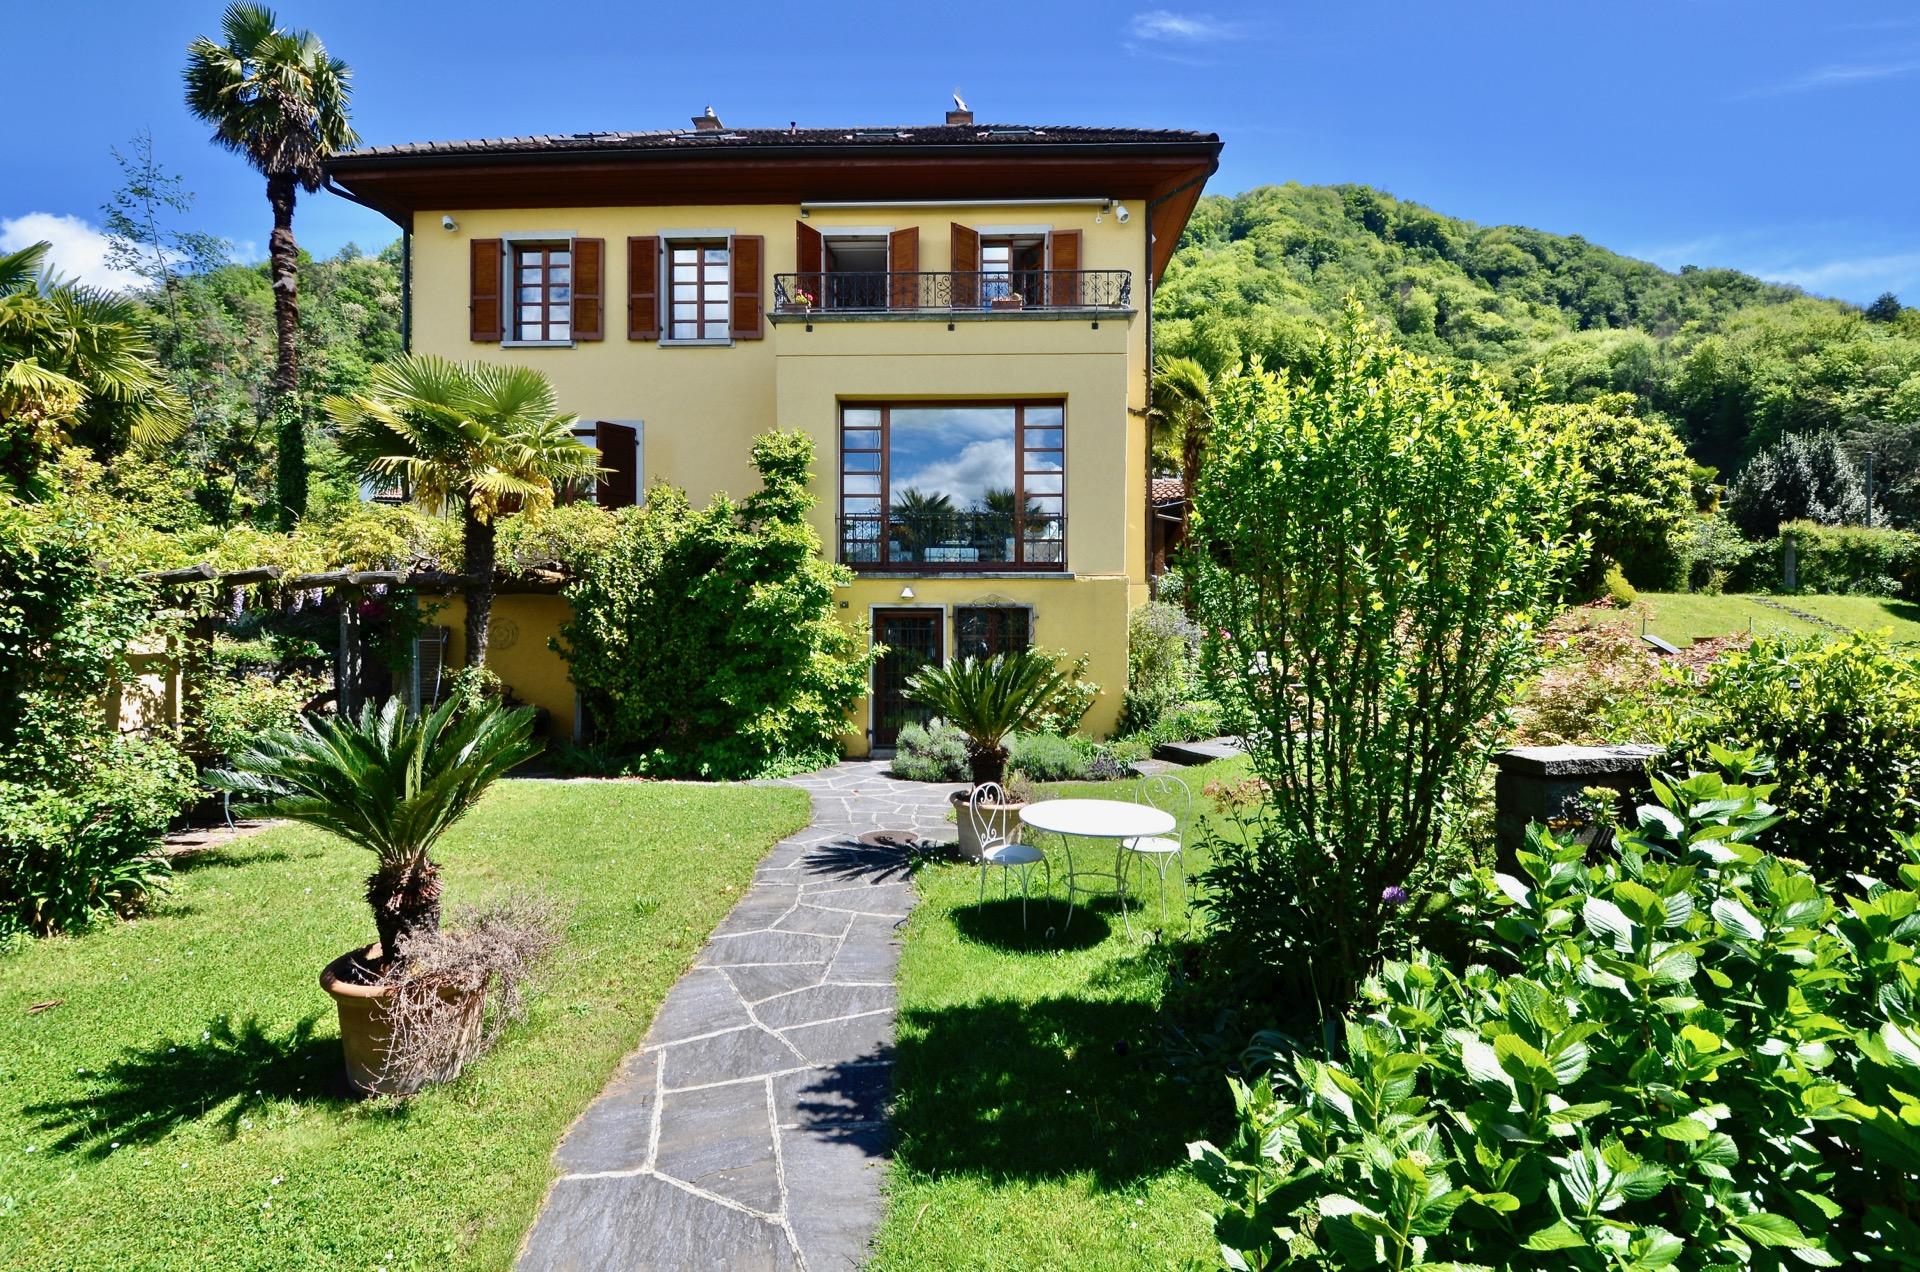 Villa direttamente al Lago di Lugano, Svizzera in vendita